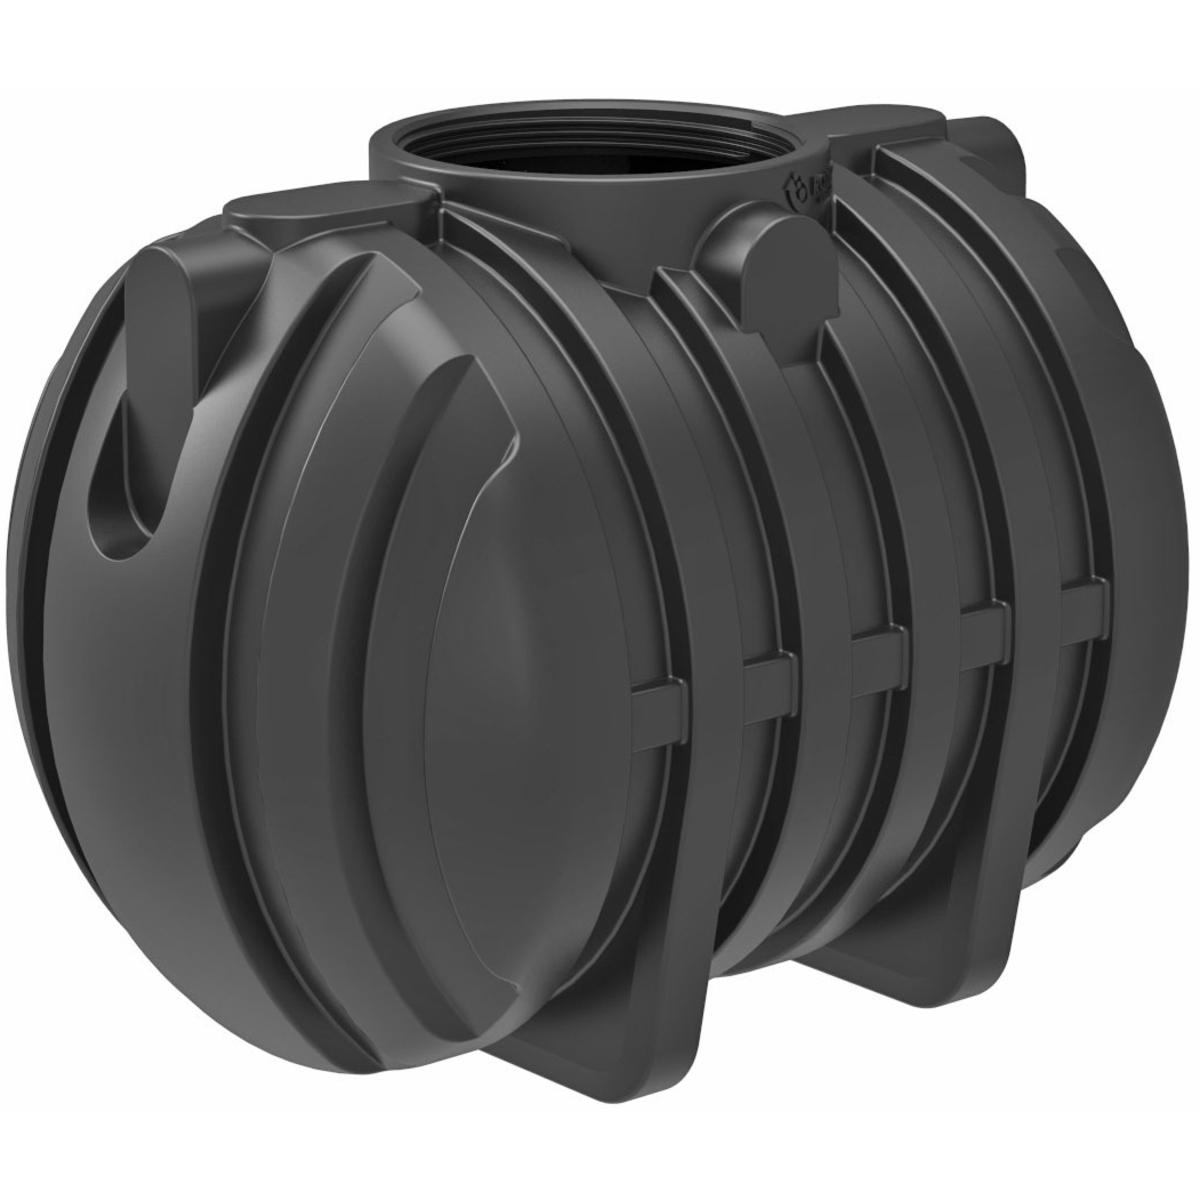 Септик накопительный Rodlex 2000 литров